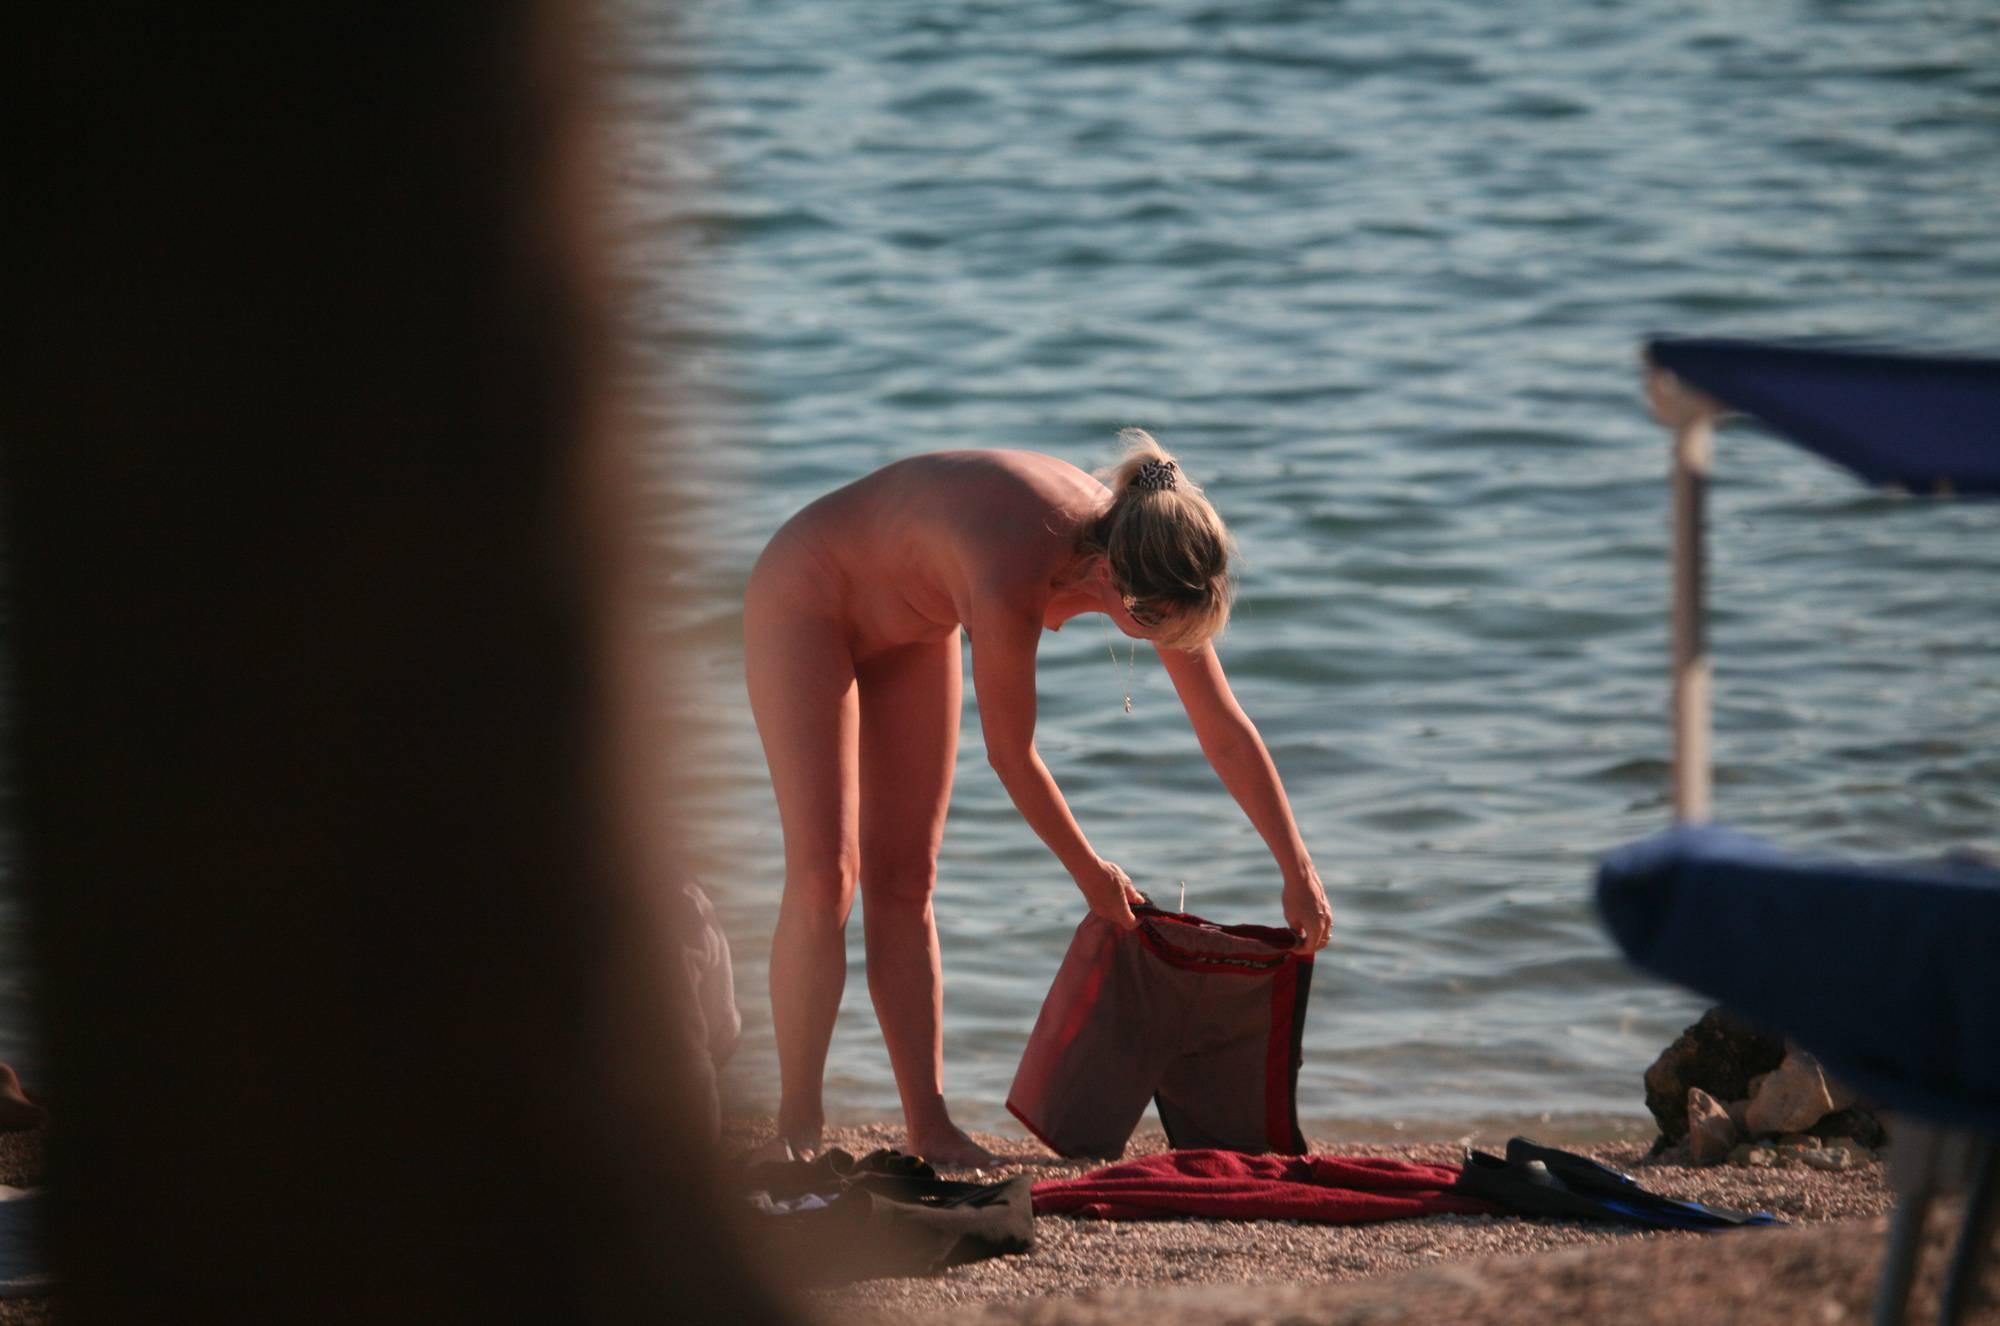 Nora FKK Beach Visitors - 1